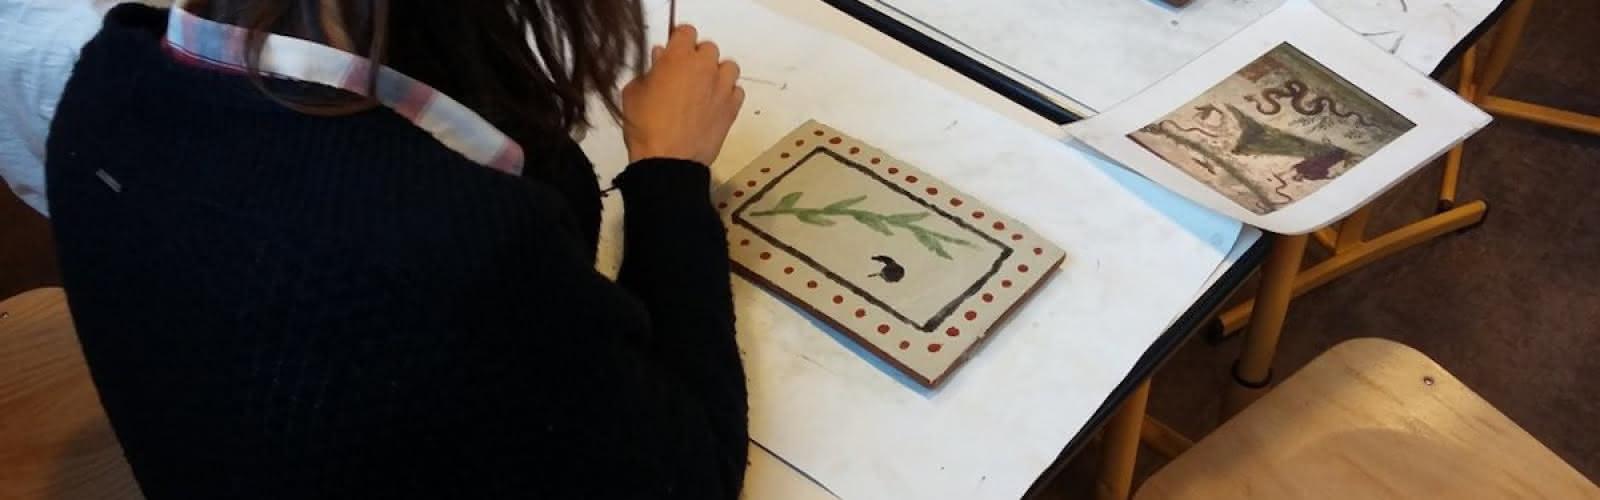 Atelier jeunes archéos (Archéa)